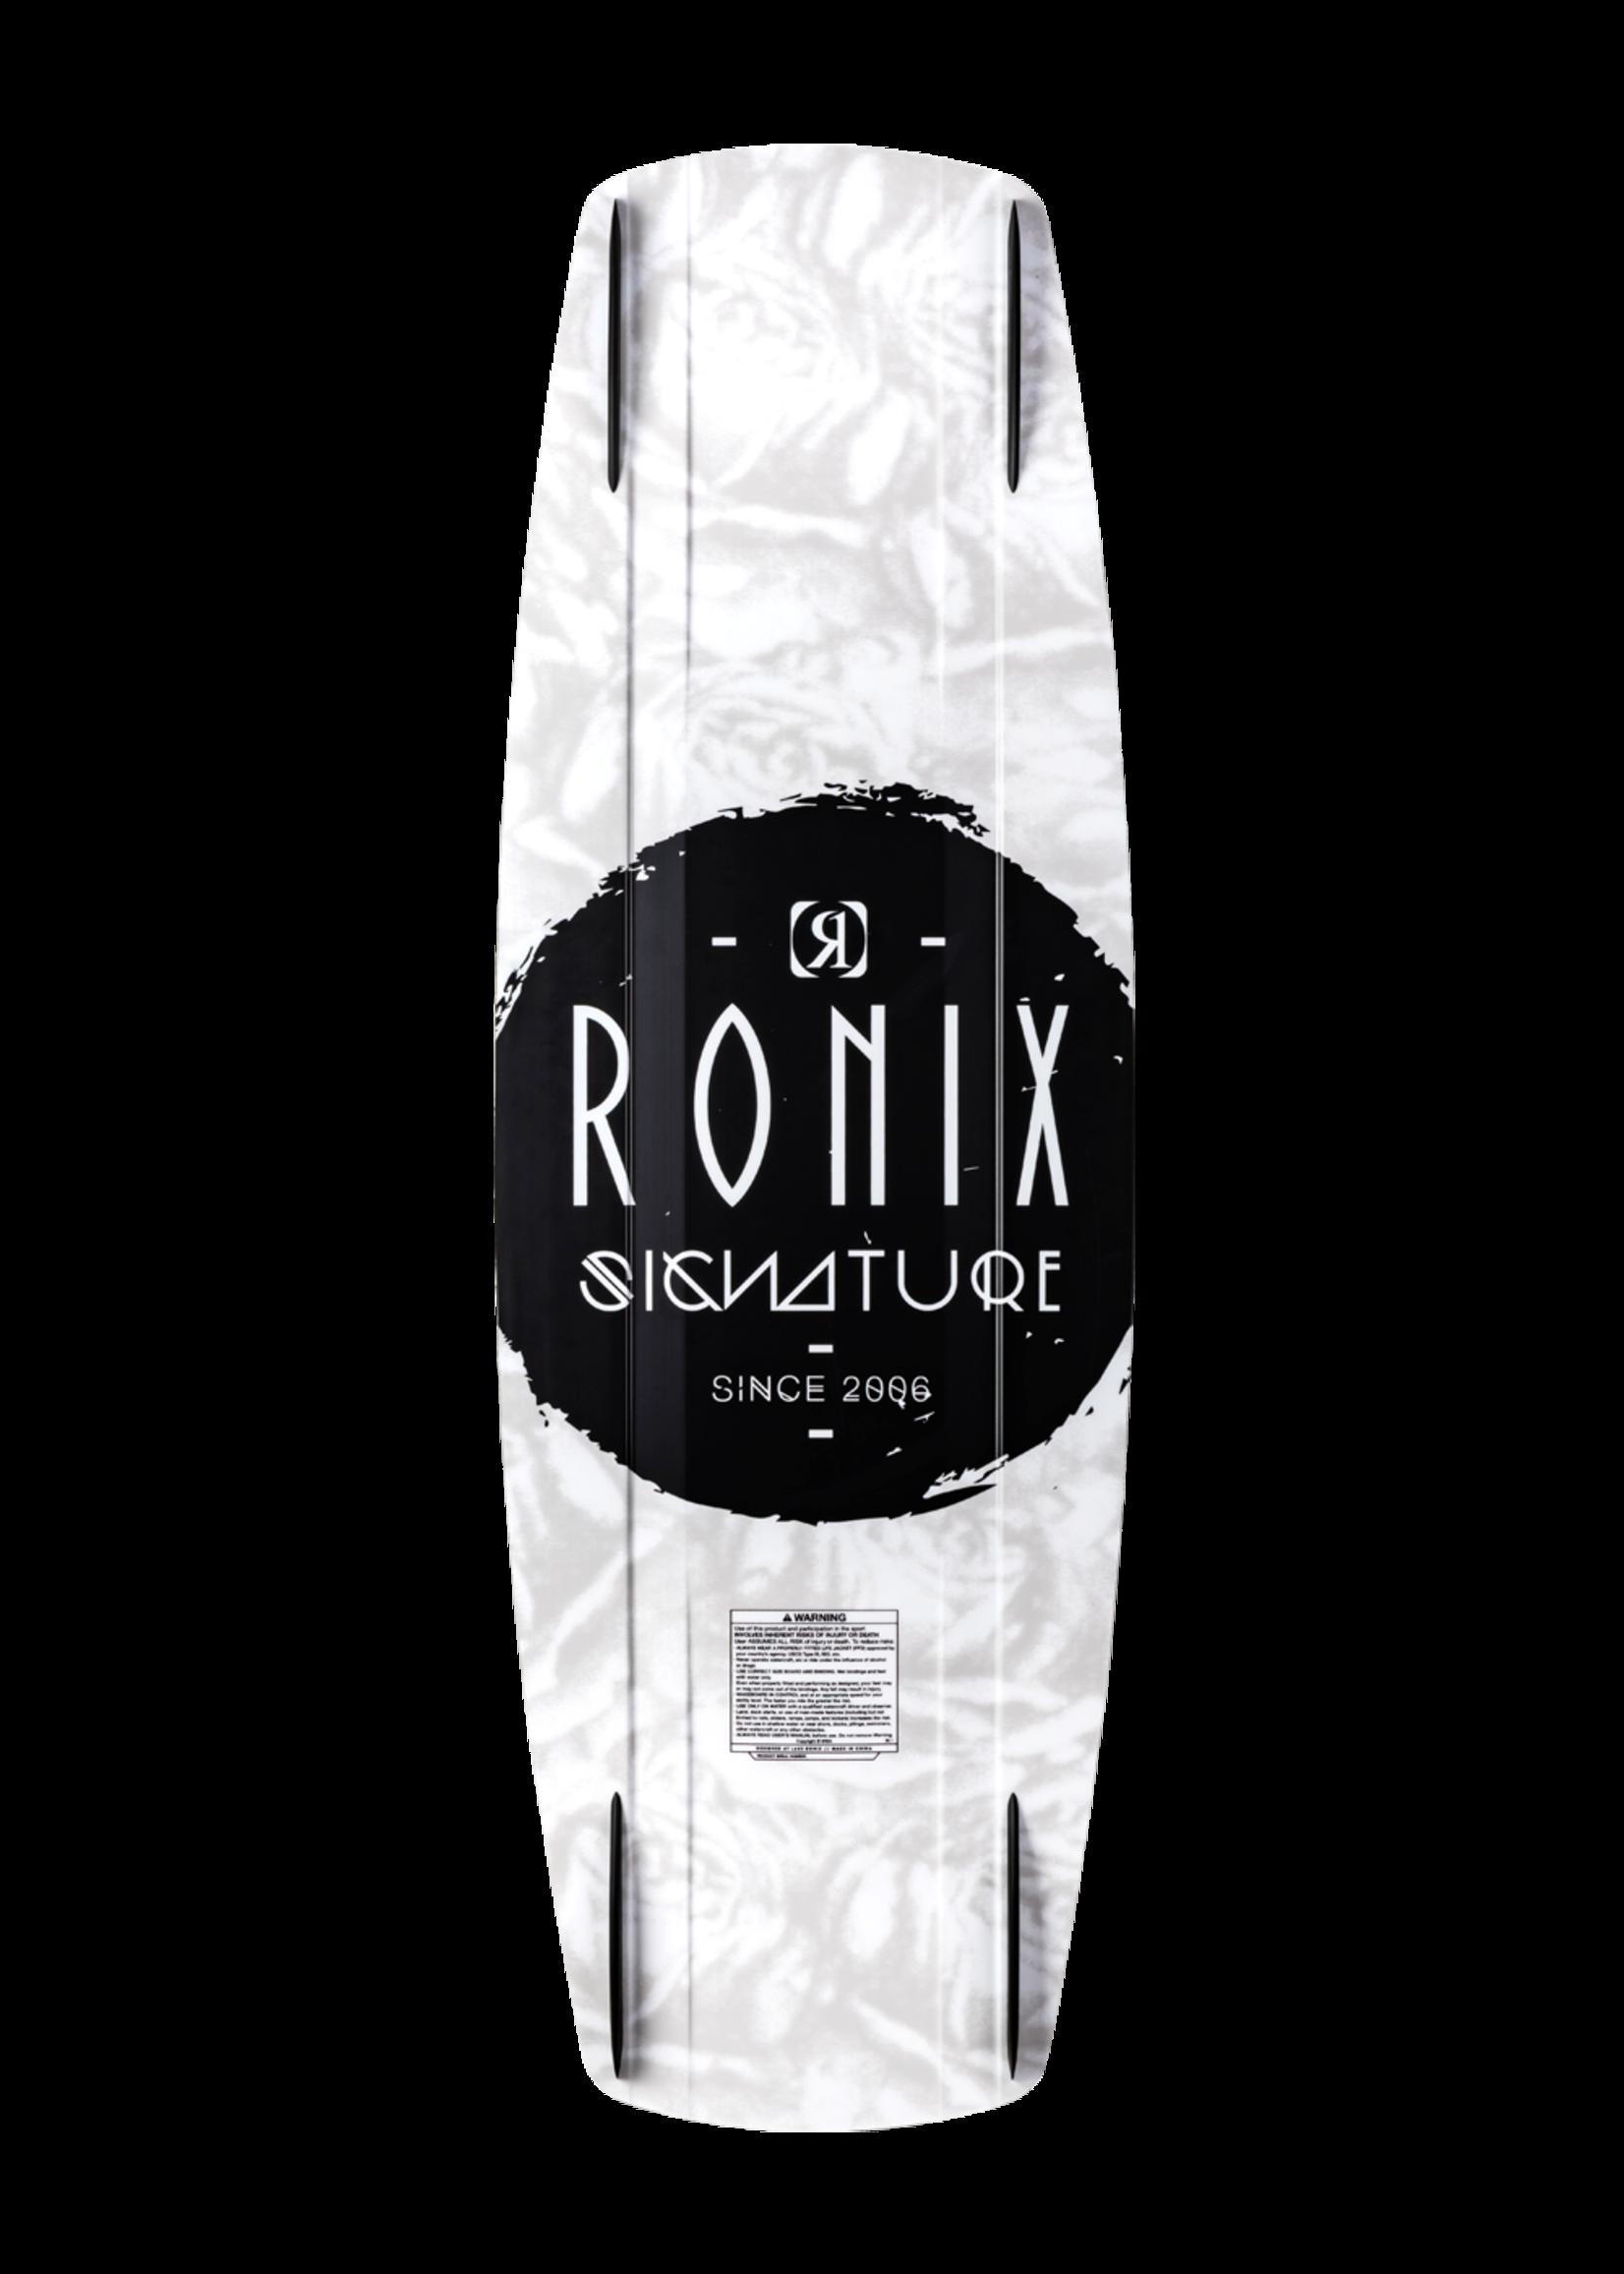 Ronix SIGNATURE